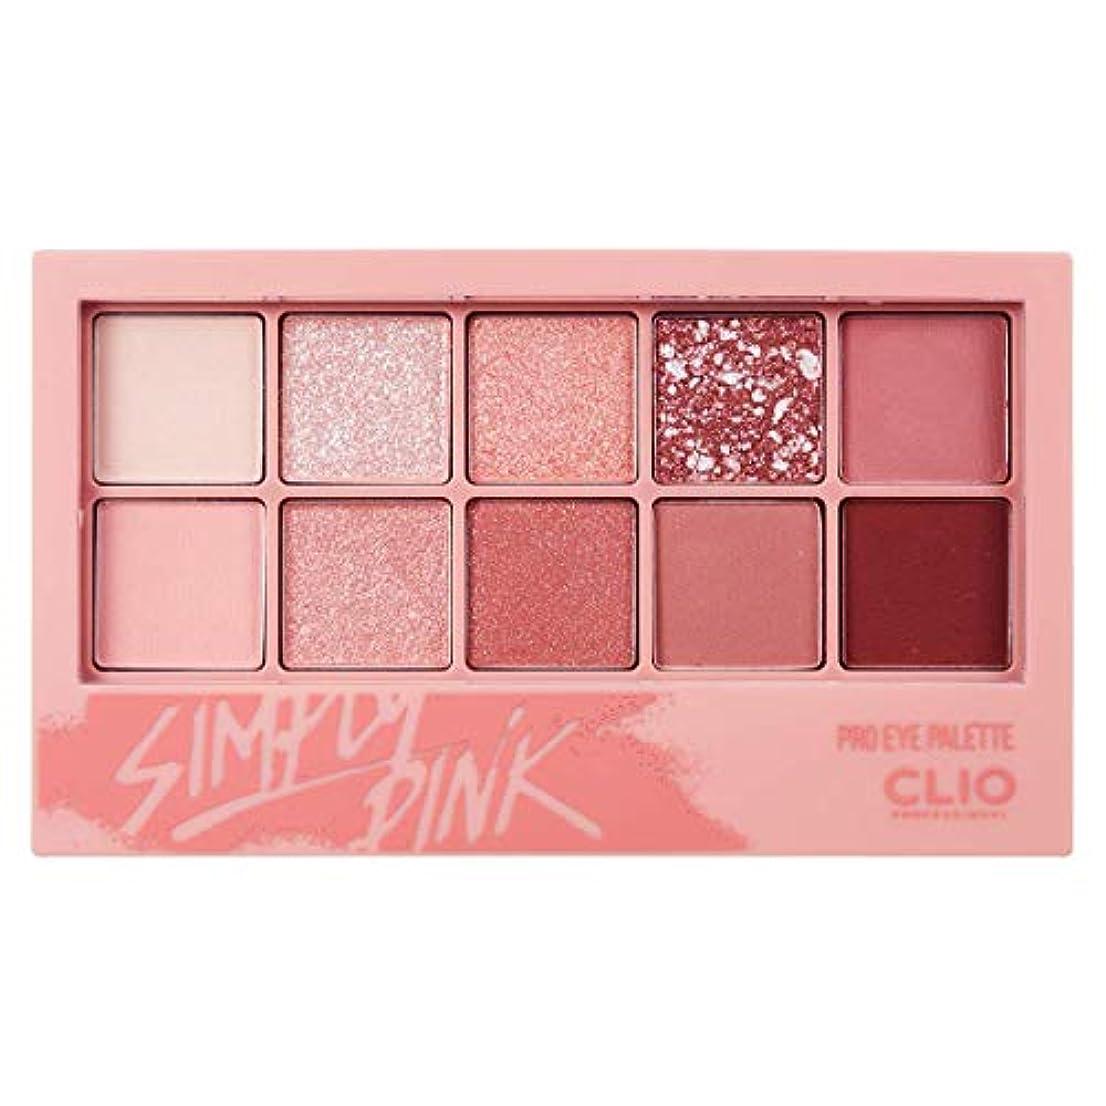 きらめく花嫁芸術的クリオ[CLIO] プロレイヤードアイパレットN01 単にピンク (0.6gx10色) / Pro Layering Eye Palette N01 Simply Pink